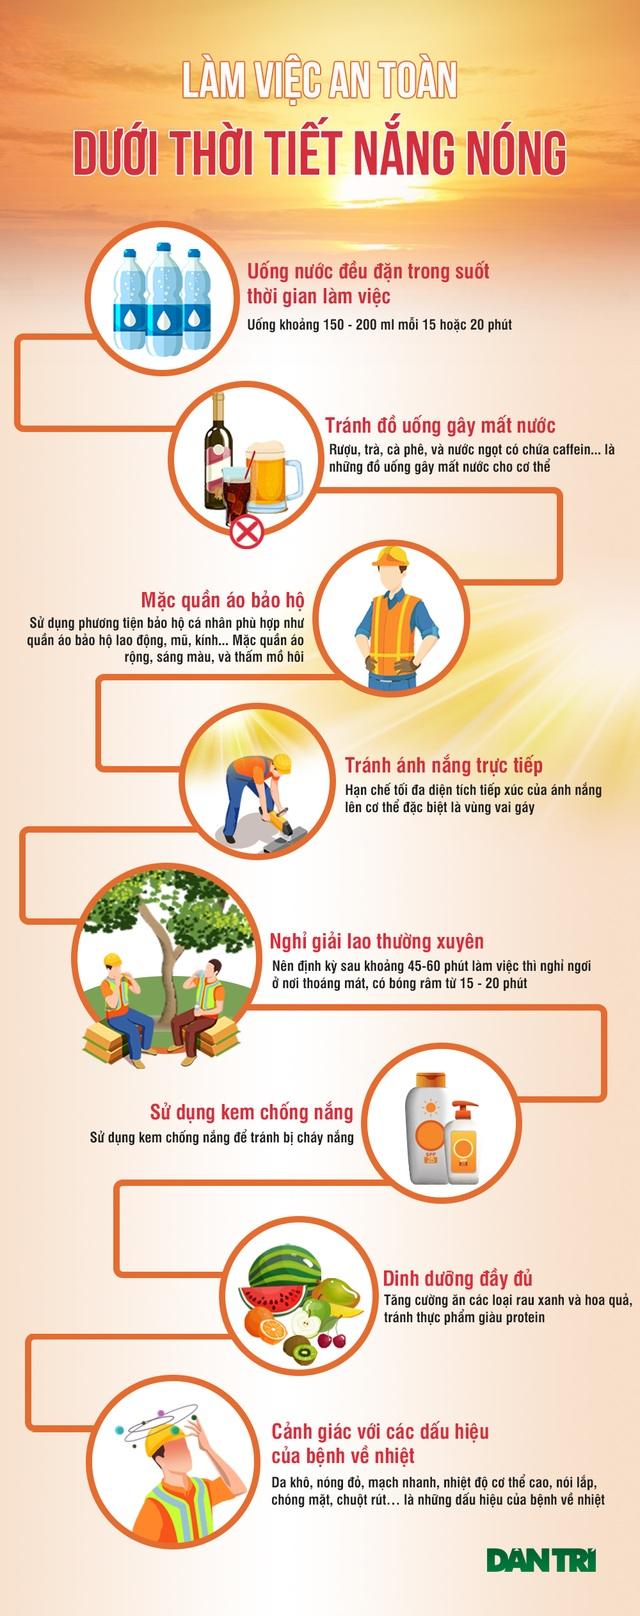 Bộ Y tế khuyến cáo 7 biện pháp giảm tác hại của nắng nóng đỉnh điểm - 1